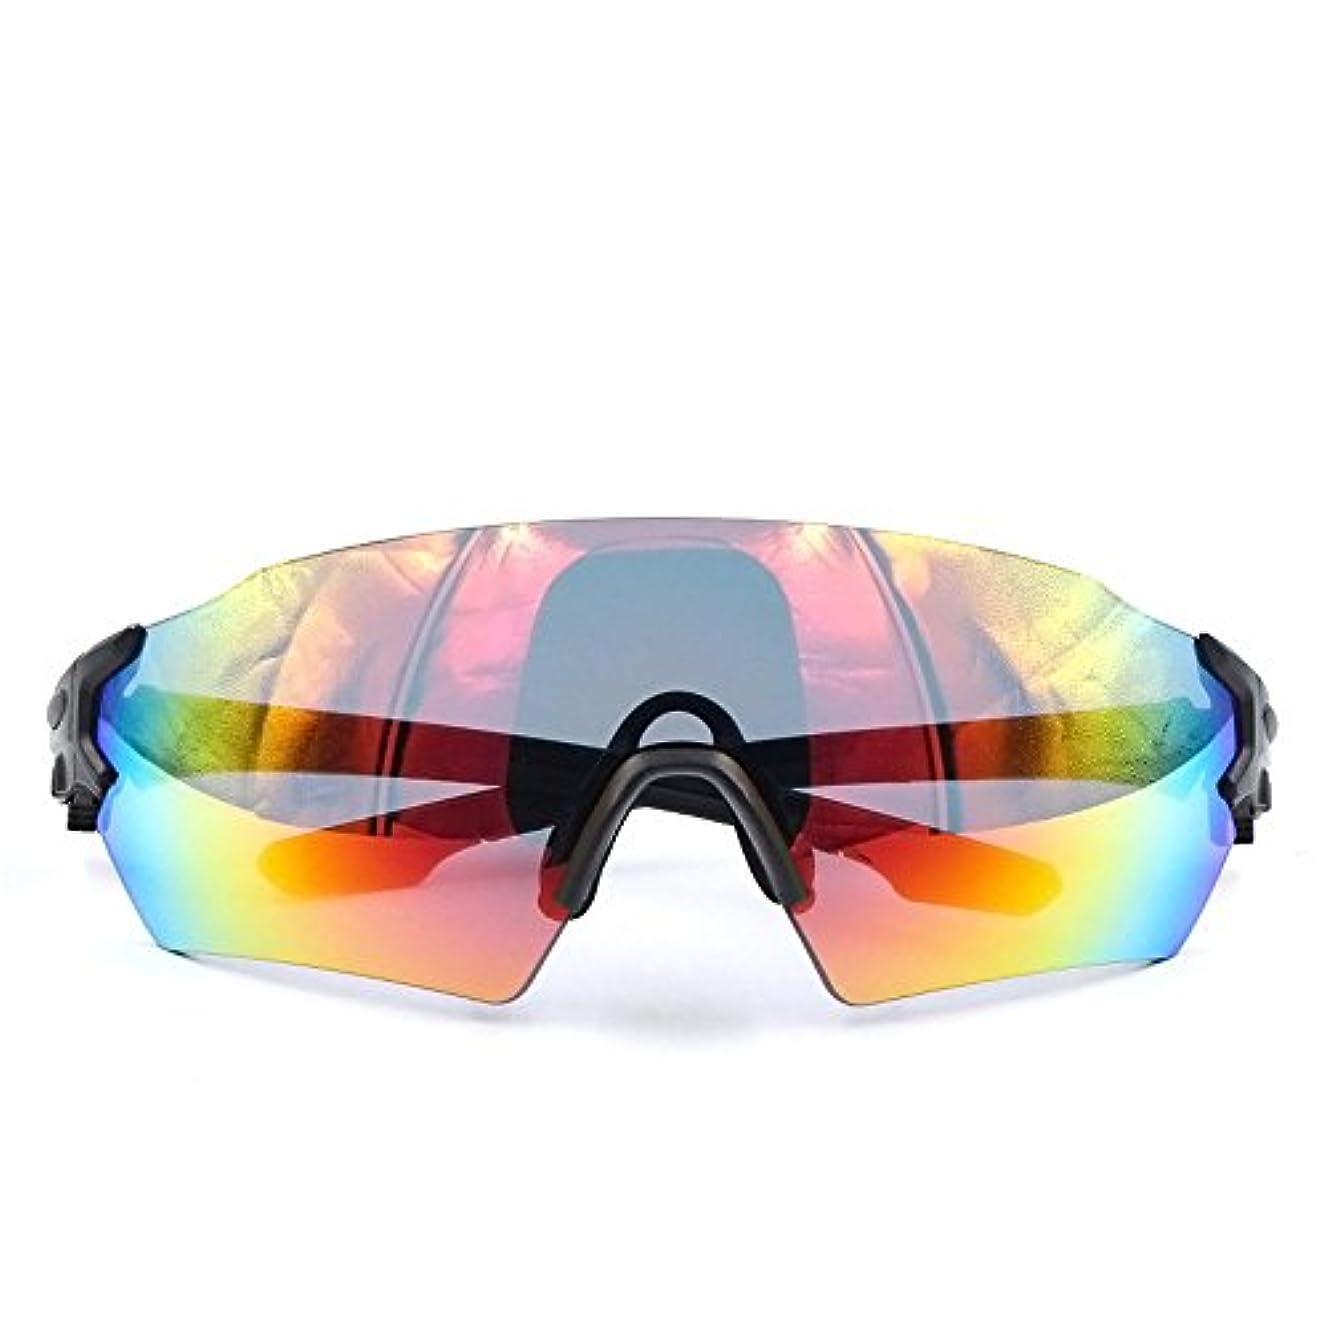 テロリスト方程式息子サイクリングメガネ 屋外サイクリング愛好家に適した自転車の色を変える大人の屋外メガネ